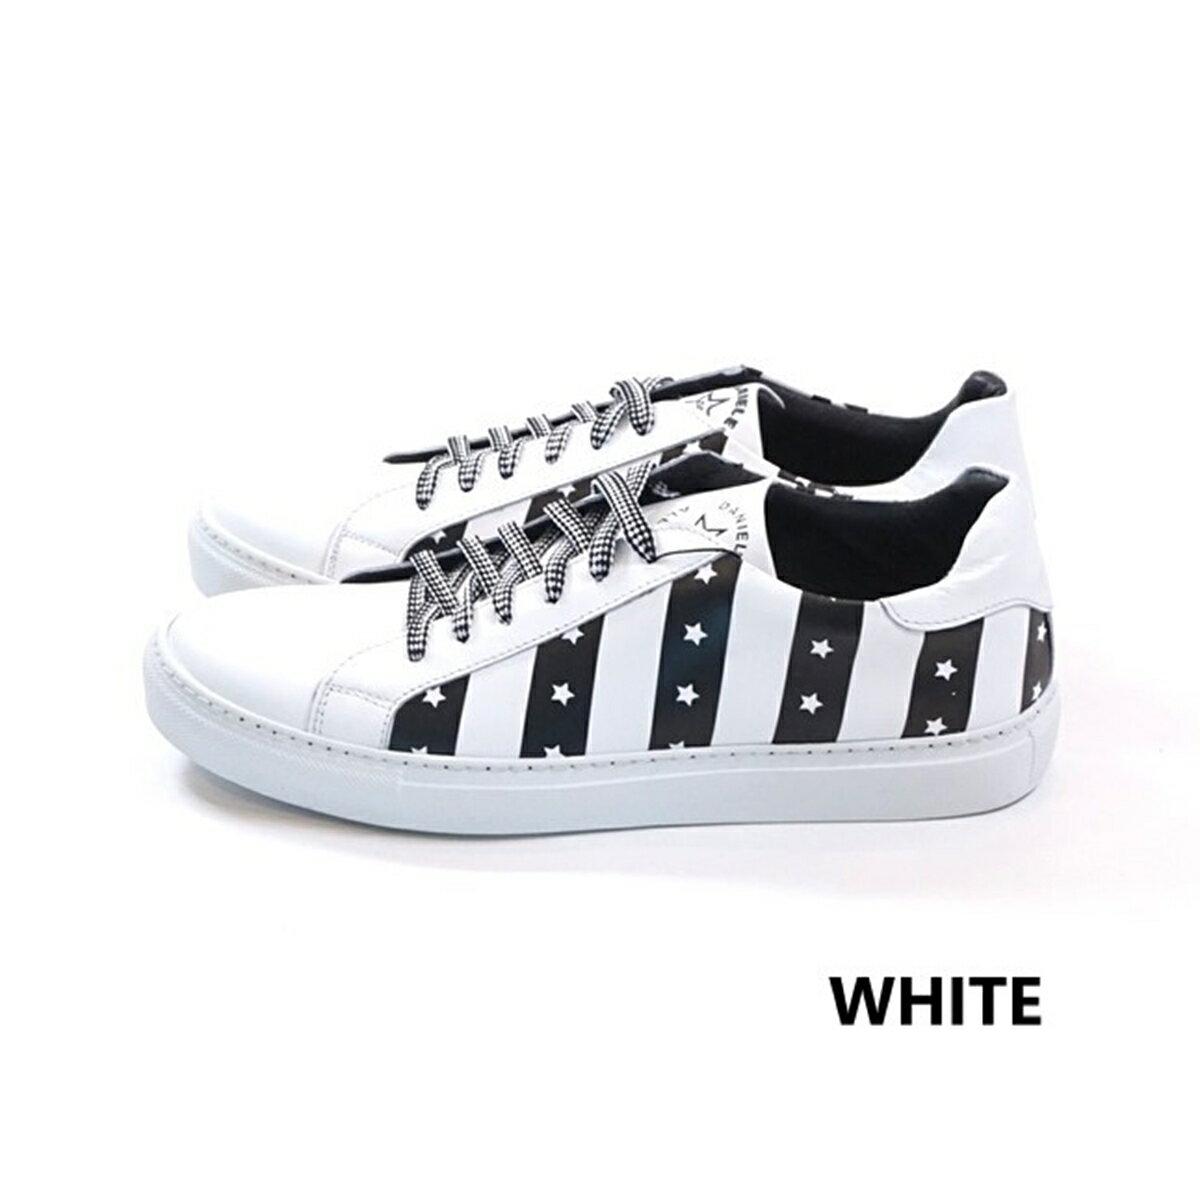 メンズ靴, スニーカー DANIELE ALESSANDRINI SNEAKERS BASSA LACCI RIGHE (2 WHITEBLACK) 211-57682001